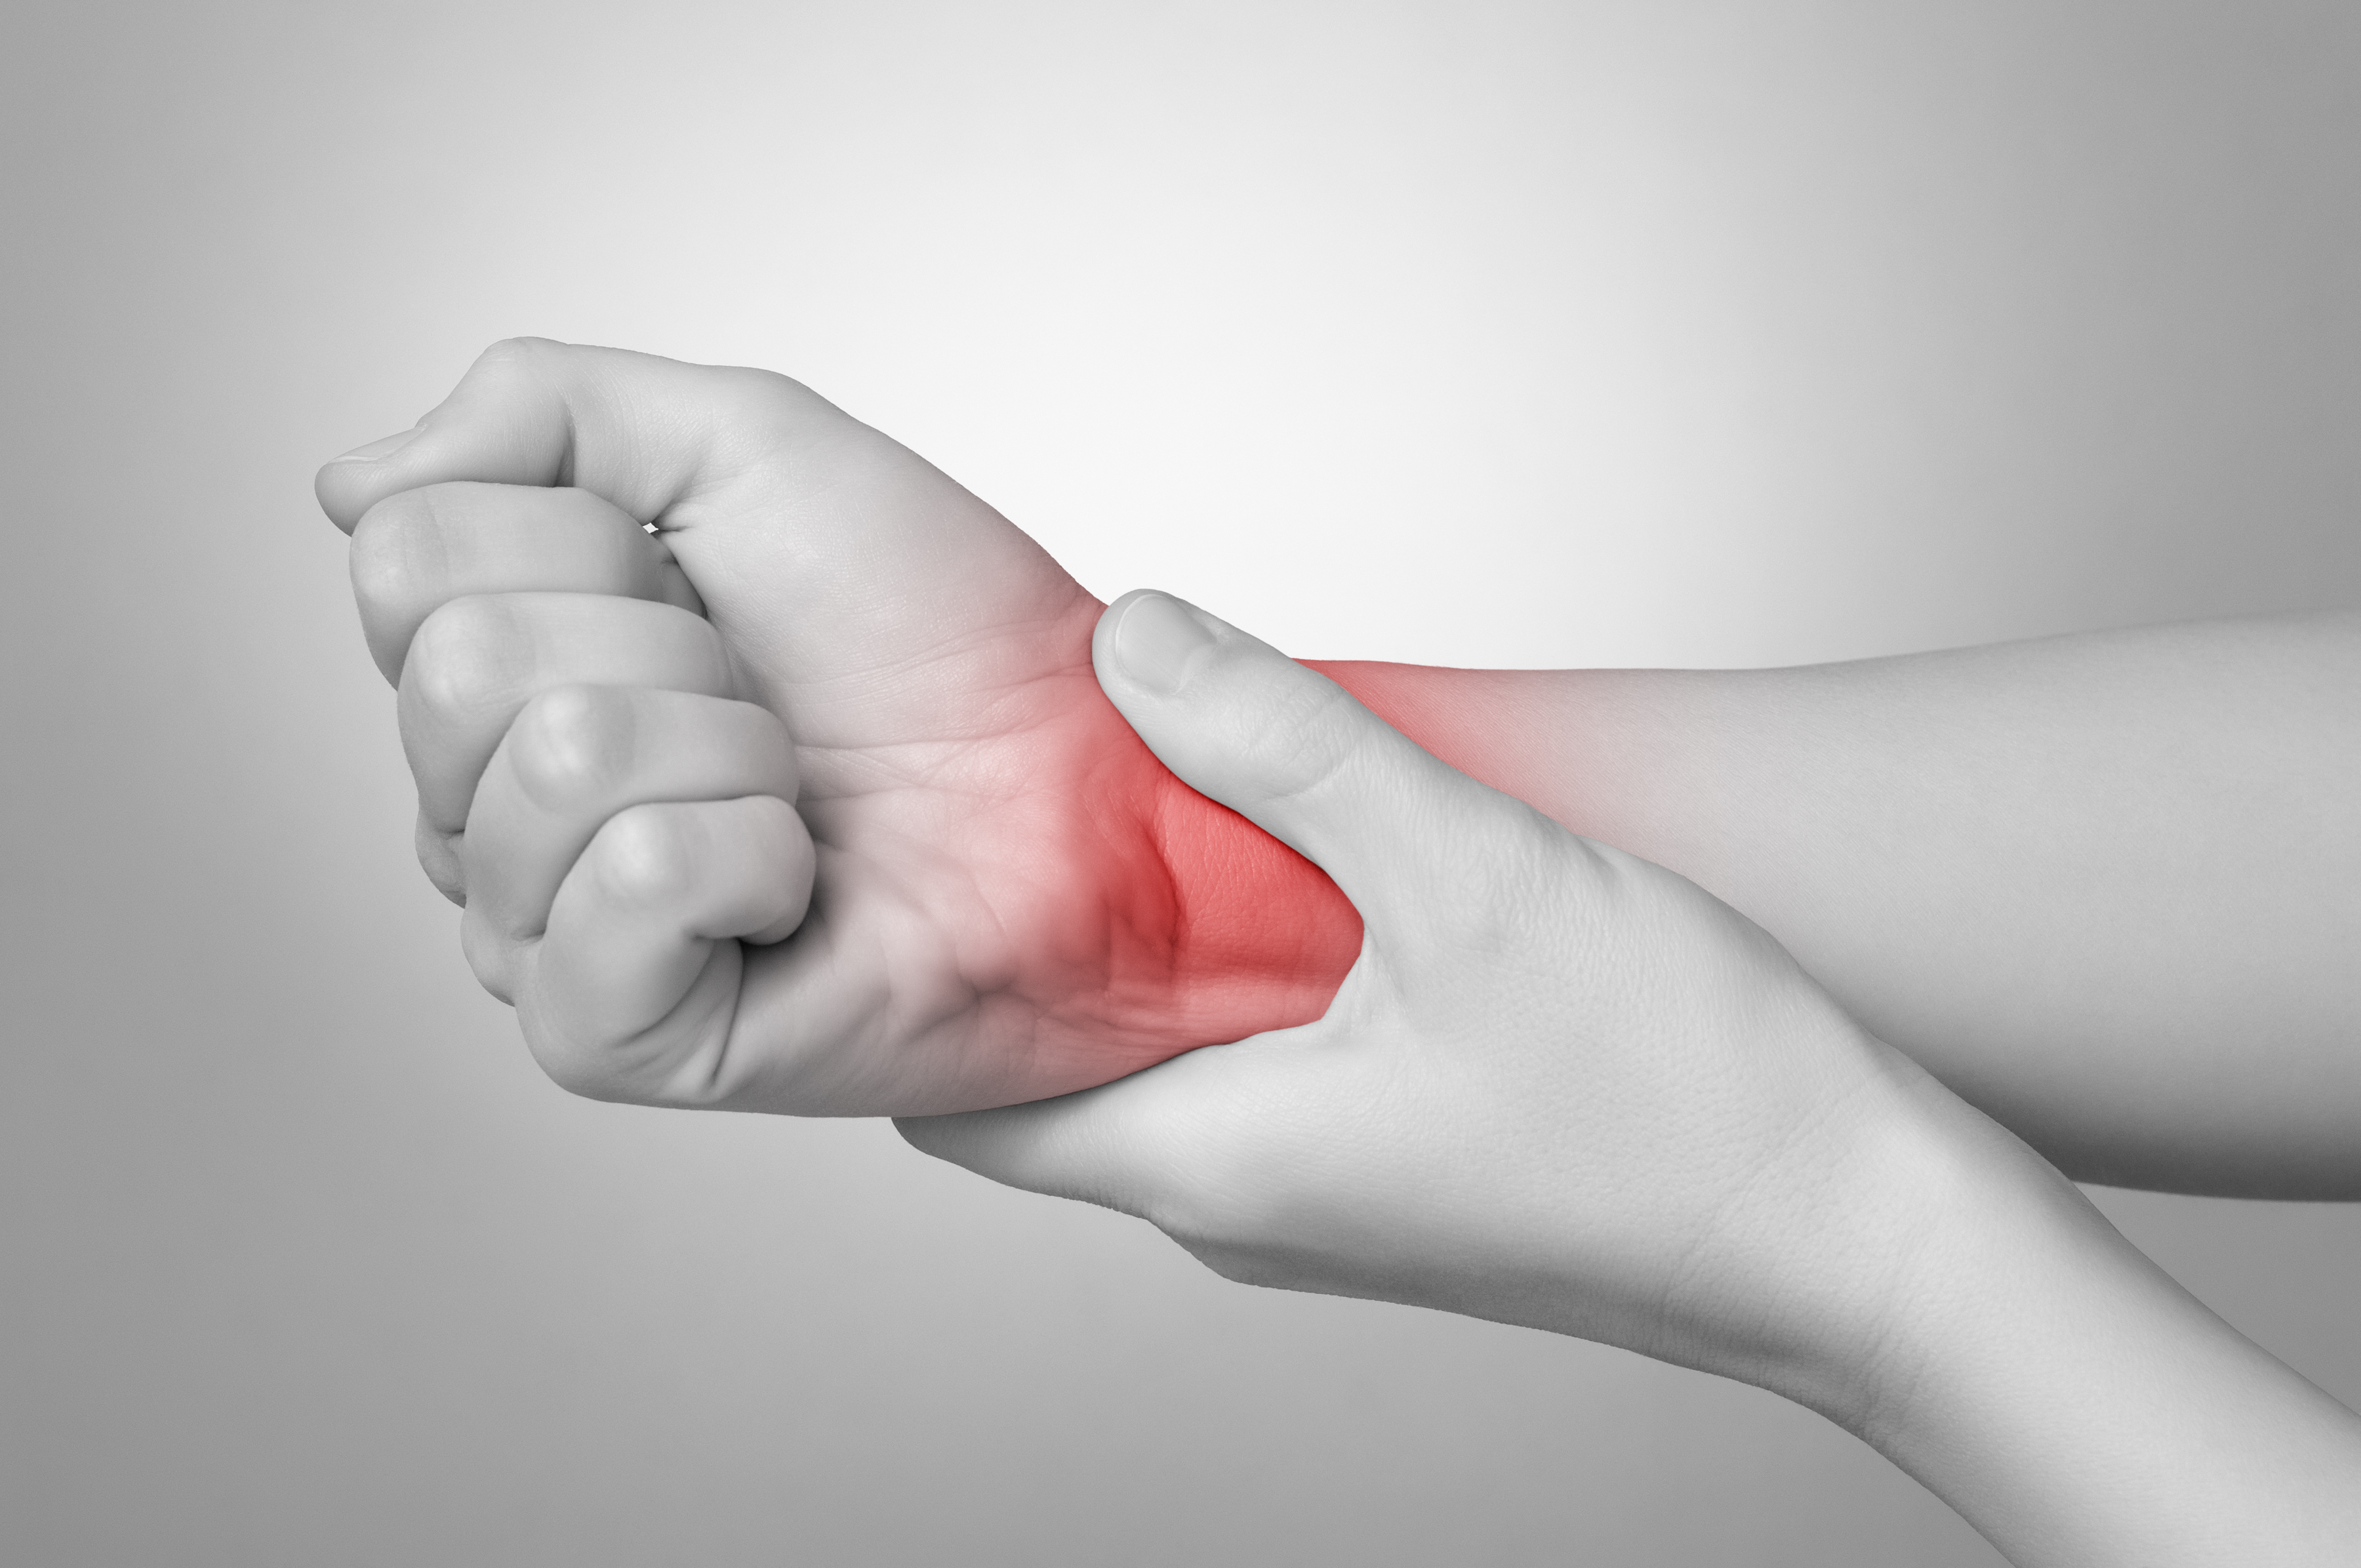 Сильные руки: как увеличить силу рук 10